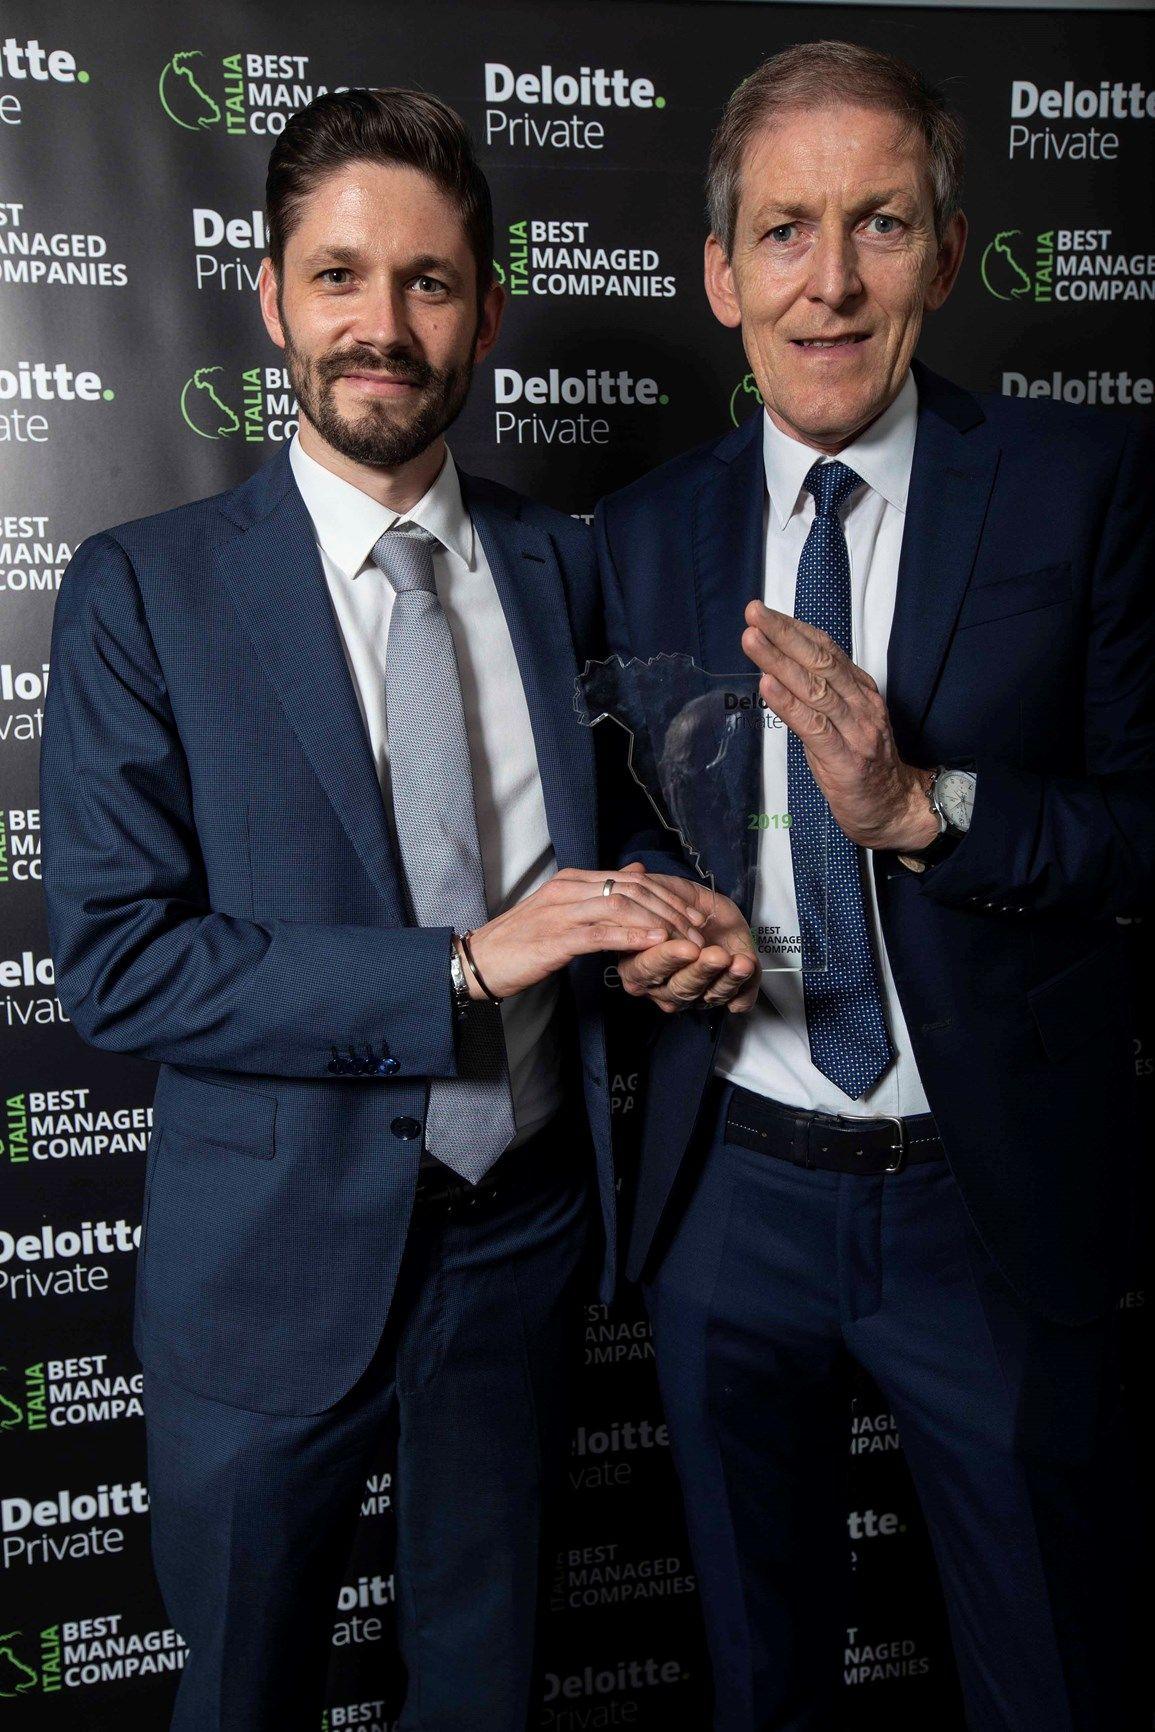 Alpac premiata con il prestigioso riconoscimento 'Deloitte Best Managed Companies'